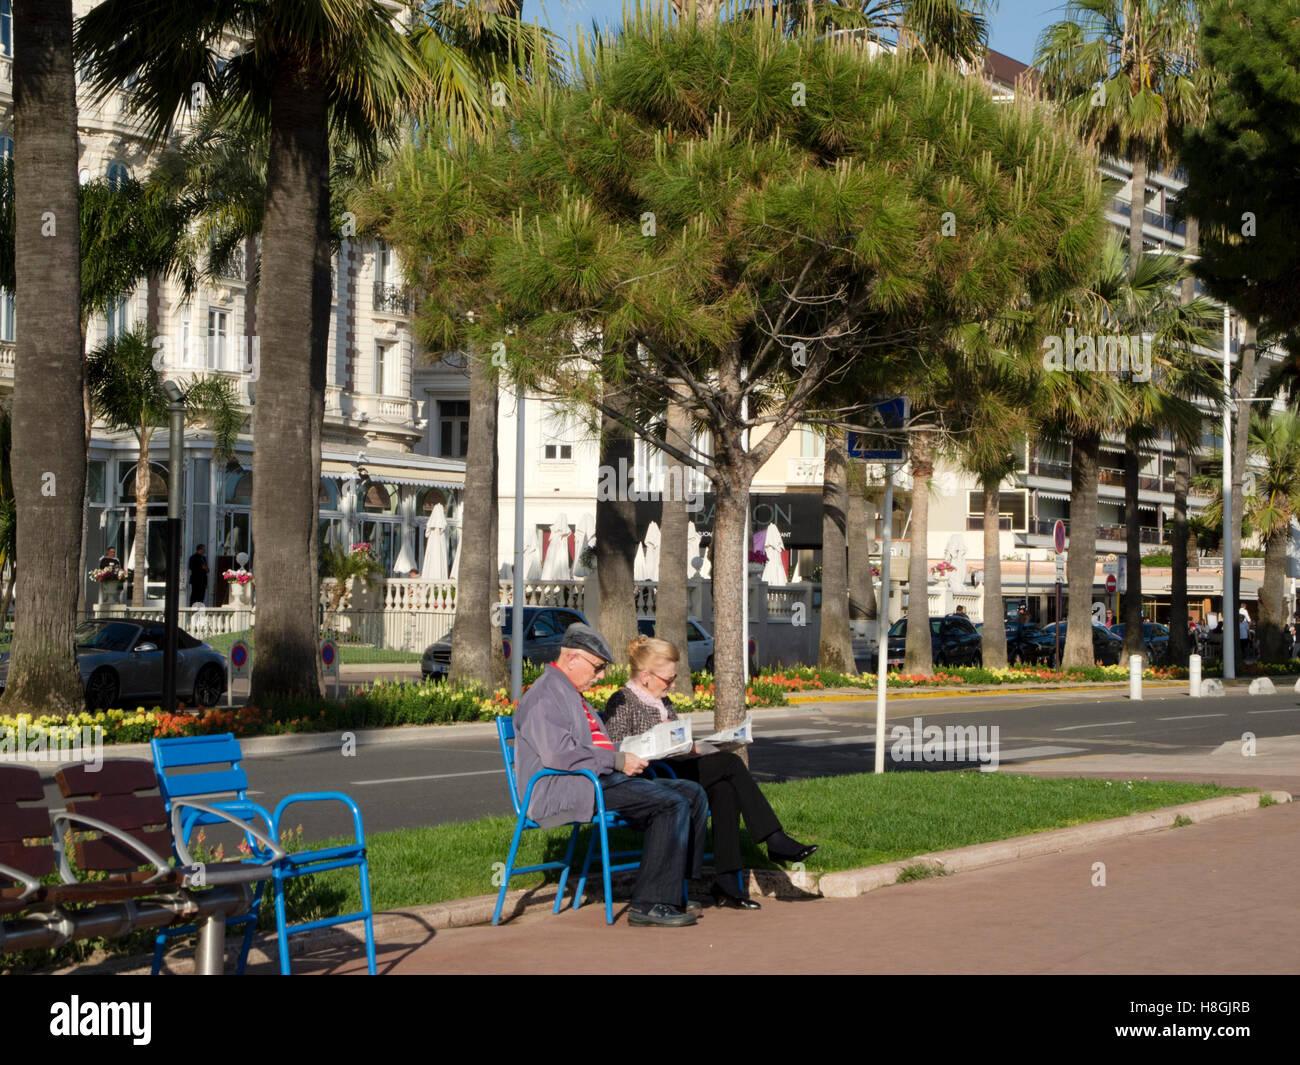 Frankreich, Cote d Azur, Cannes, Flaniermeile Boulevard de la Croisette Foto Stock